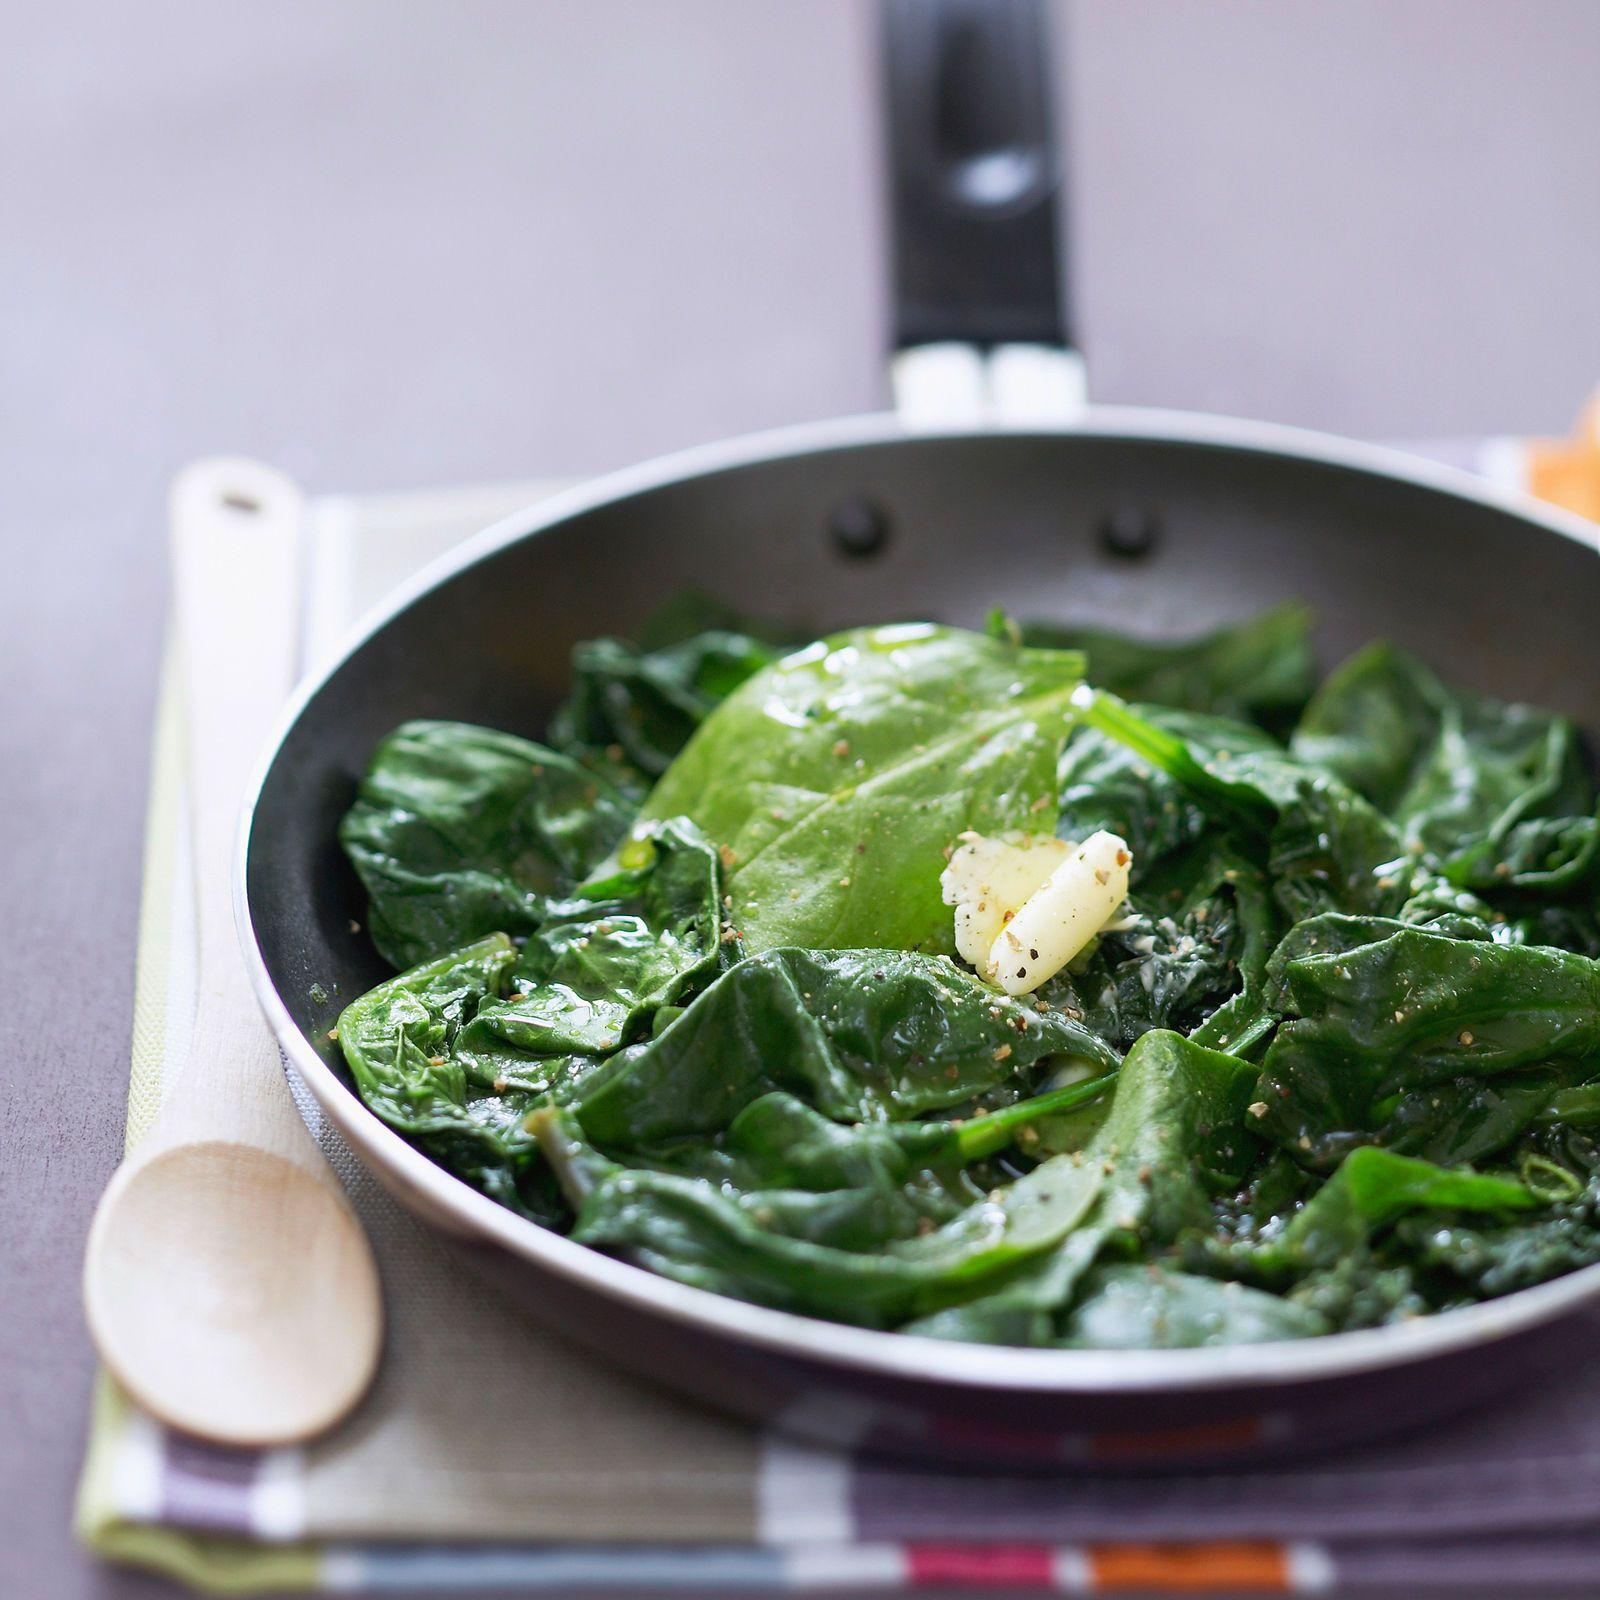 Découvrez la recette de la poêlée d'épinards frais au beurre